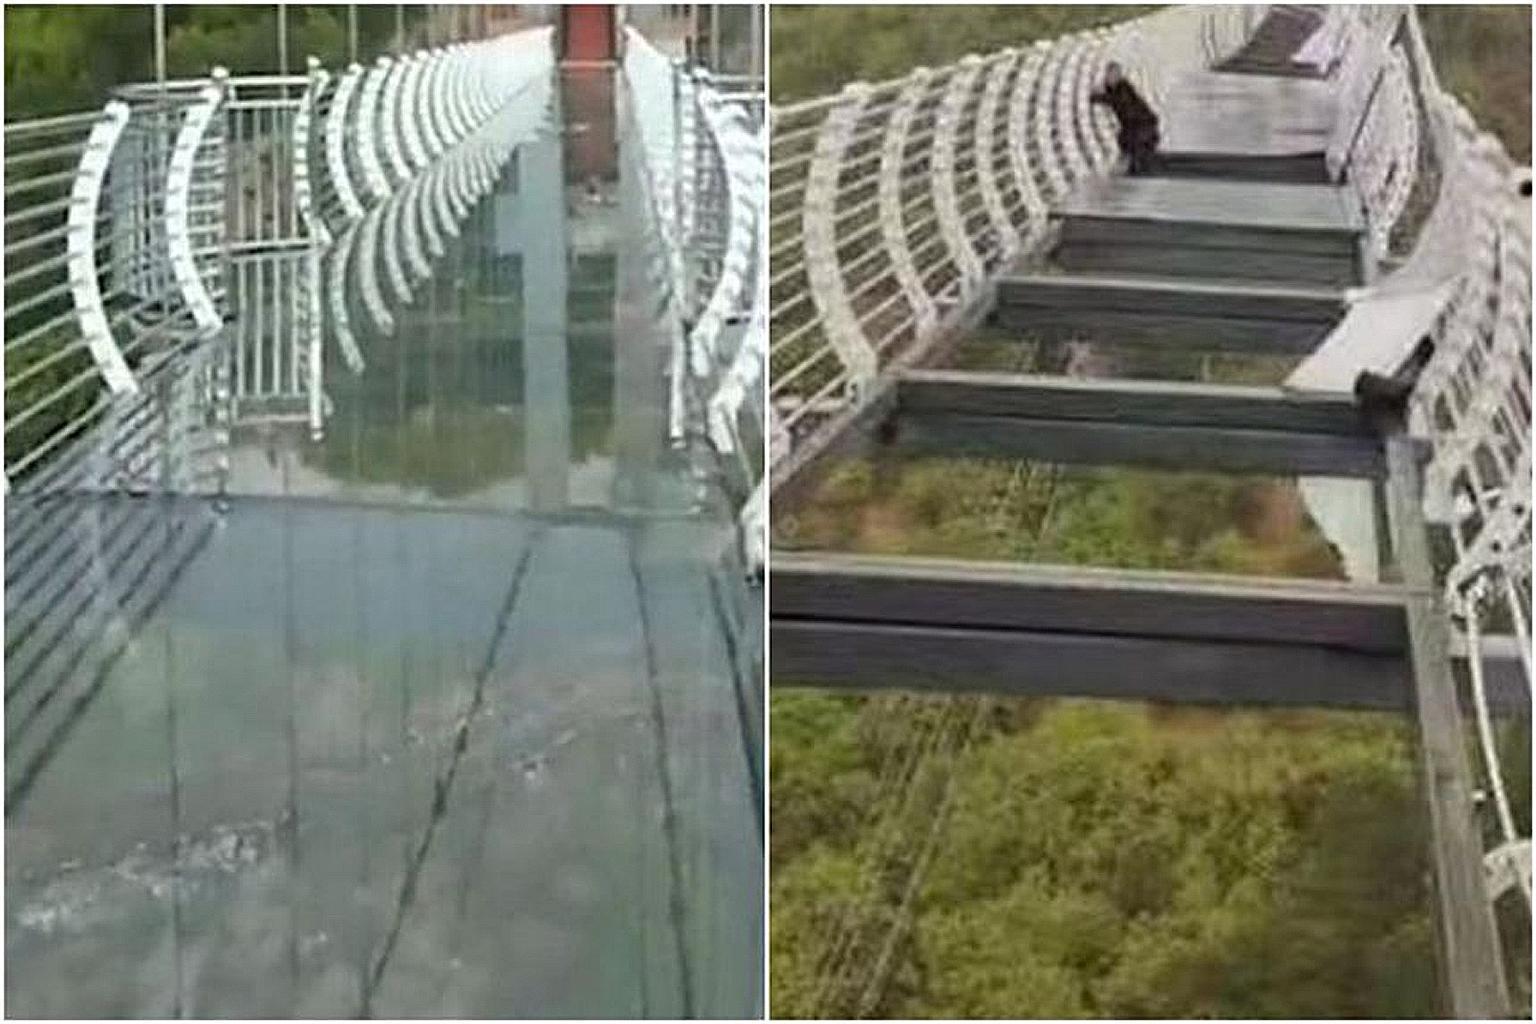 Một số mảnh kính trên cầu đã bị gió giật vỡ, khiến nam du khách mắc kẹt giữa cầu. Ảnh: Weibo